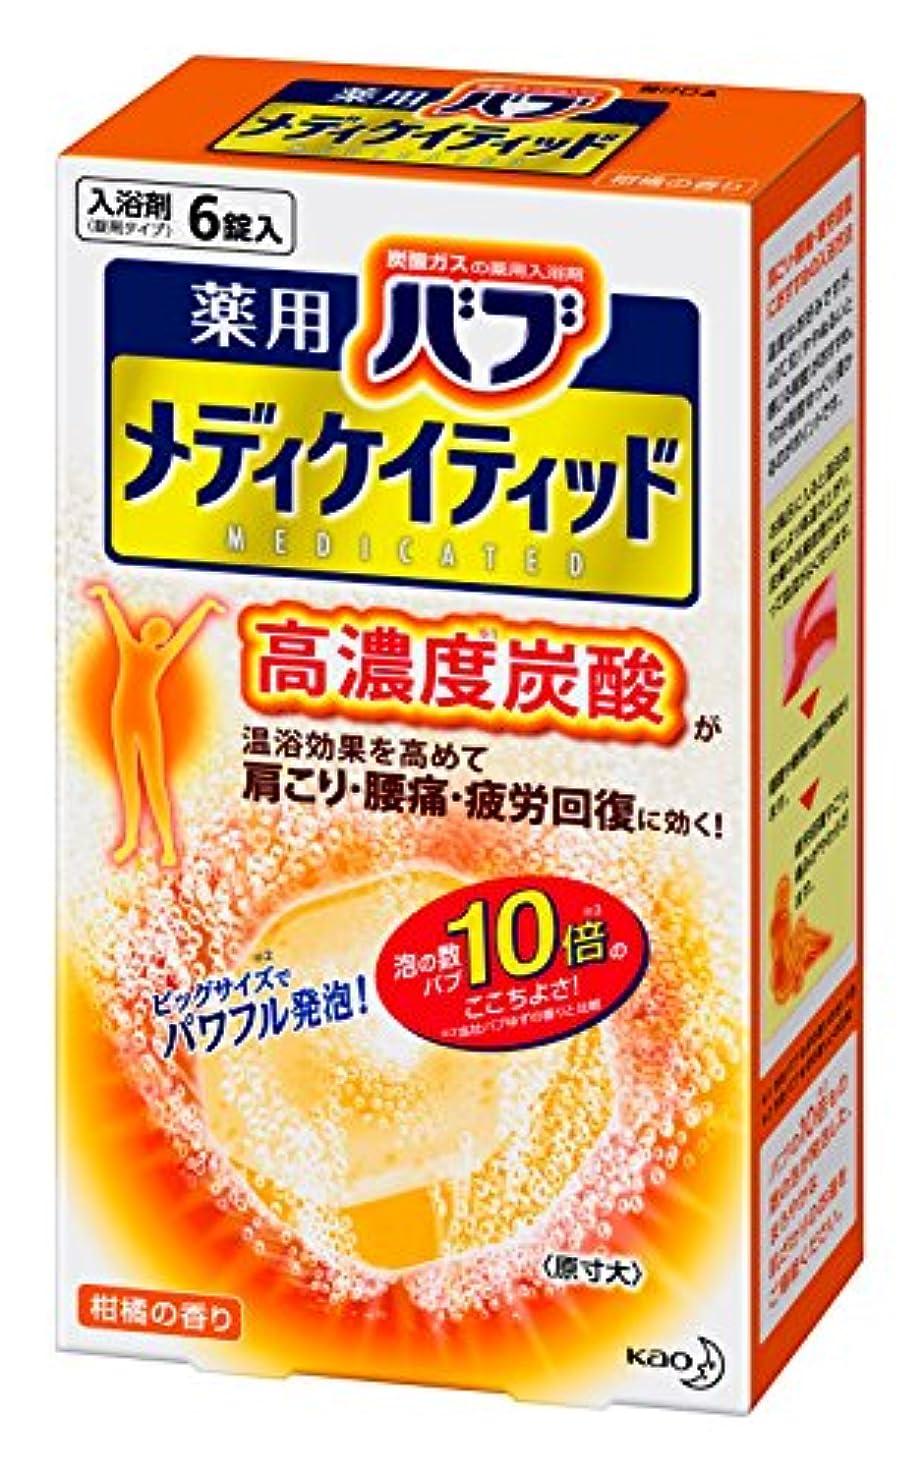 紀元前リム望遠鏡バブ メディケイティッド 柑橘の香り 6錠入